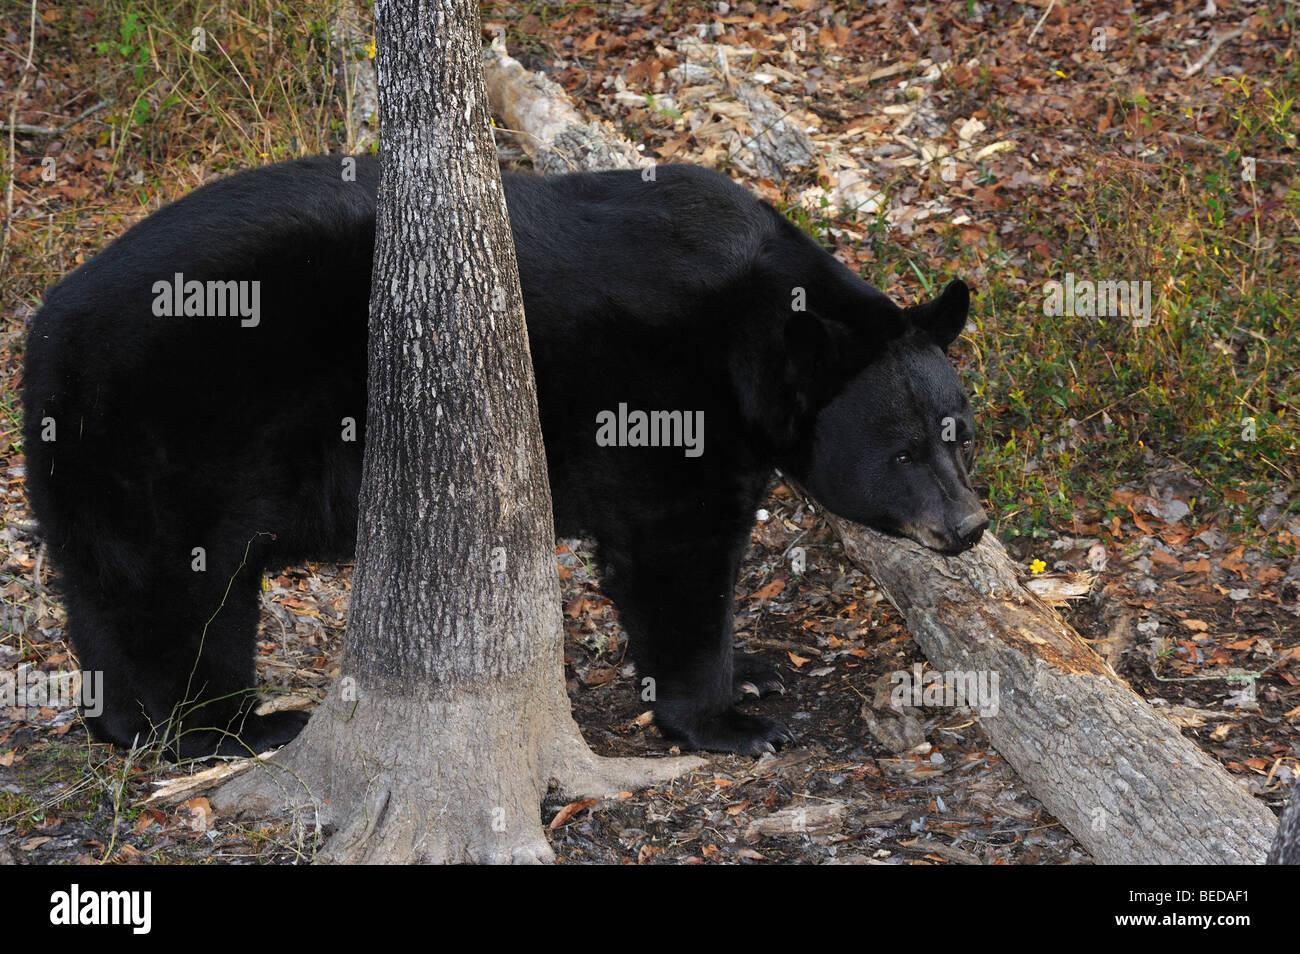 Oso negro Ursus americanus, Florida, cautiva Foto de stock